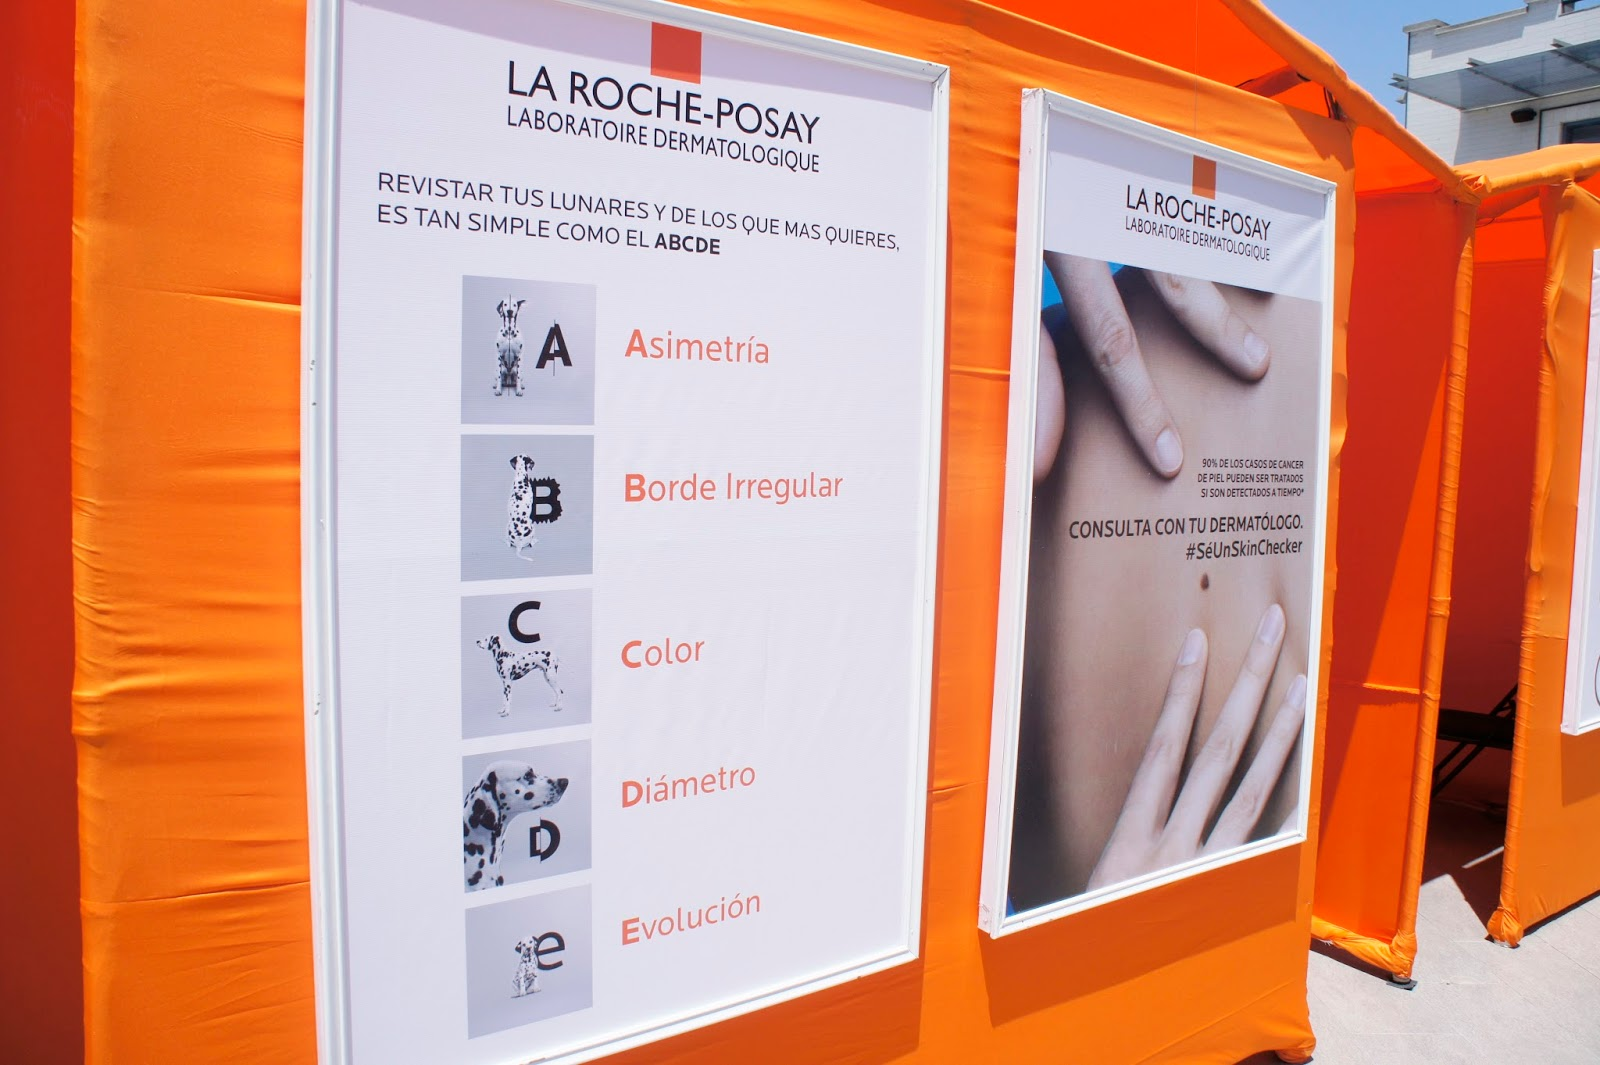 Salud de la Piel - La Roche Posay #SéUnSkinChecker